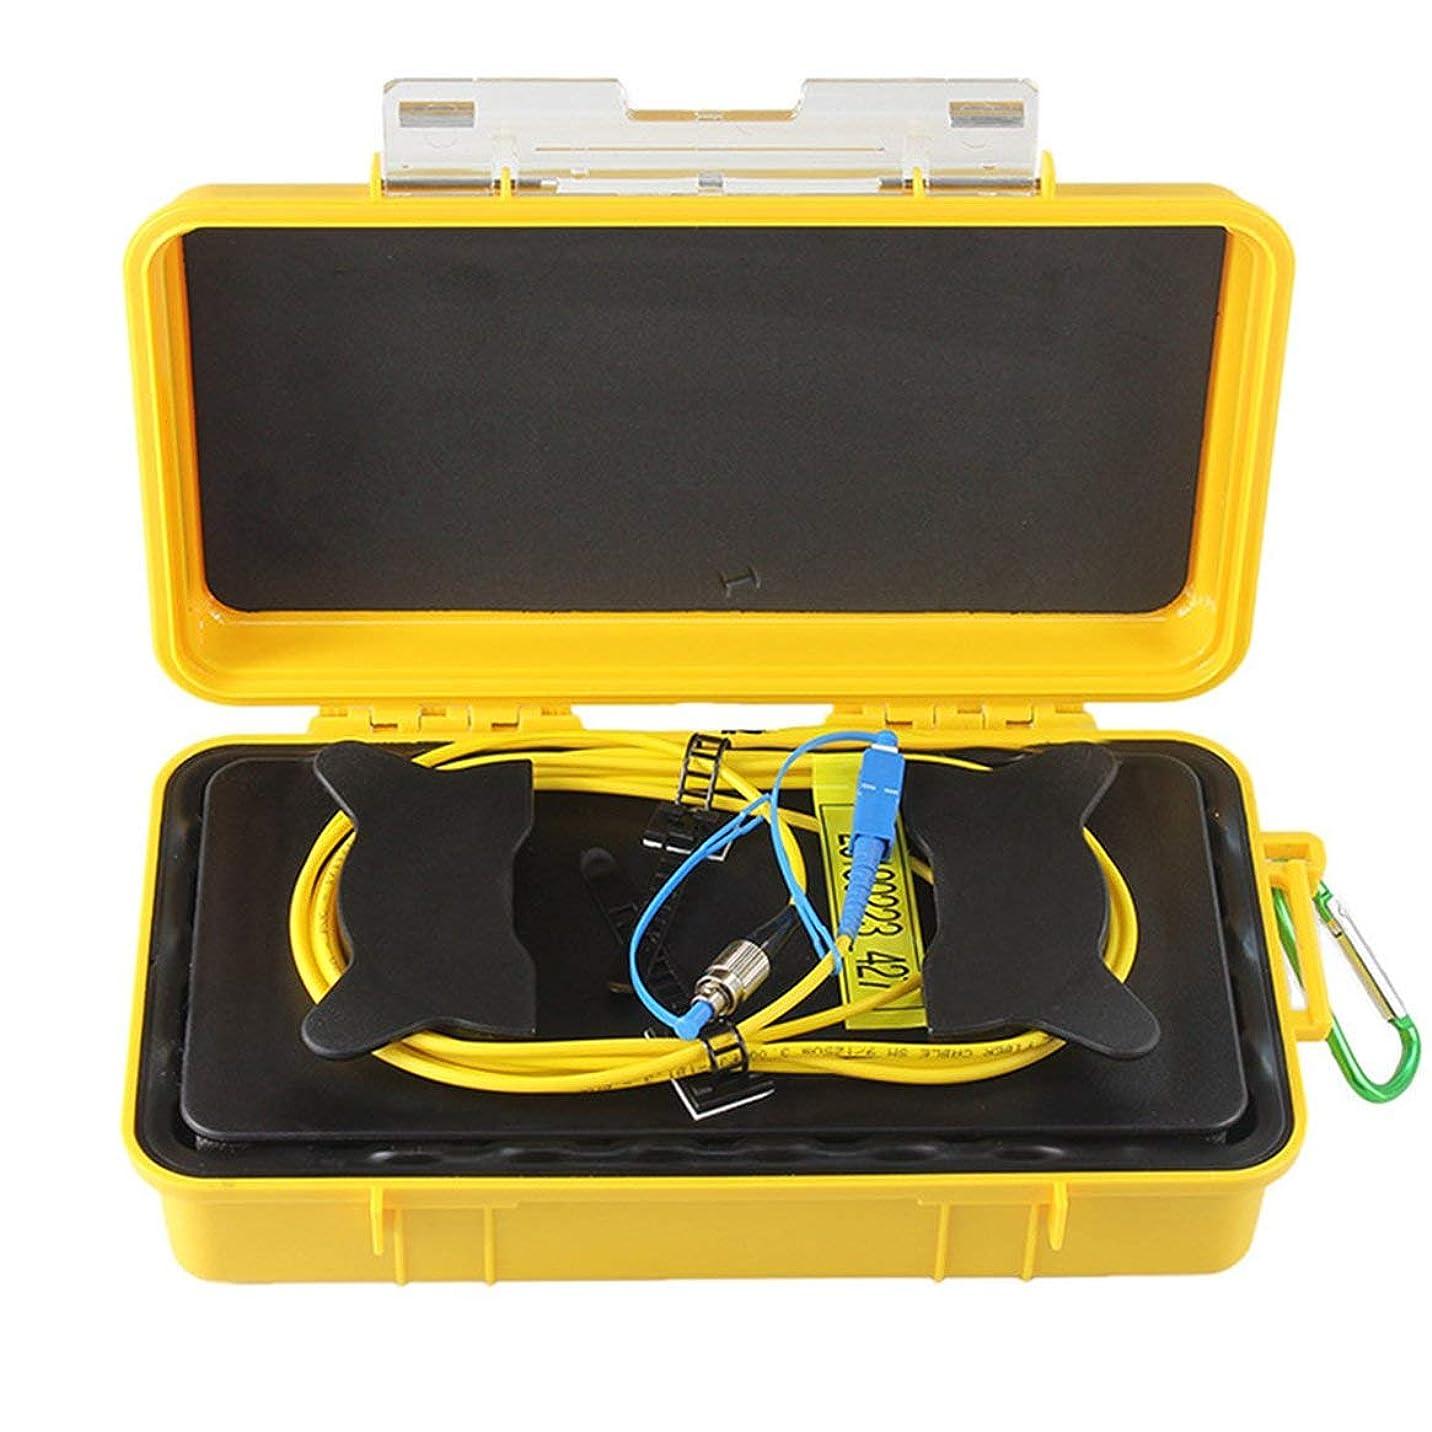 頑張るマウス十分FC-UPC/SC-UPCプロフェッショナルシングルモード500M OTDR発射ケーブルボックスファイバーリングOTDR発射光ファイバーケーブル(色:黄色&後)